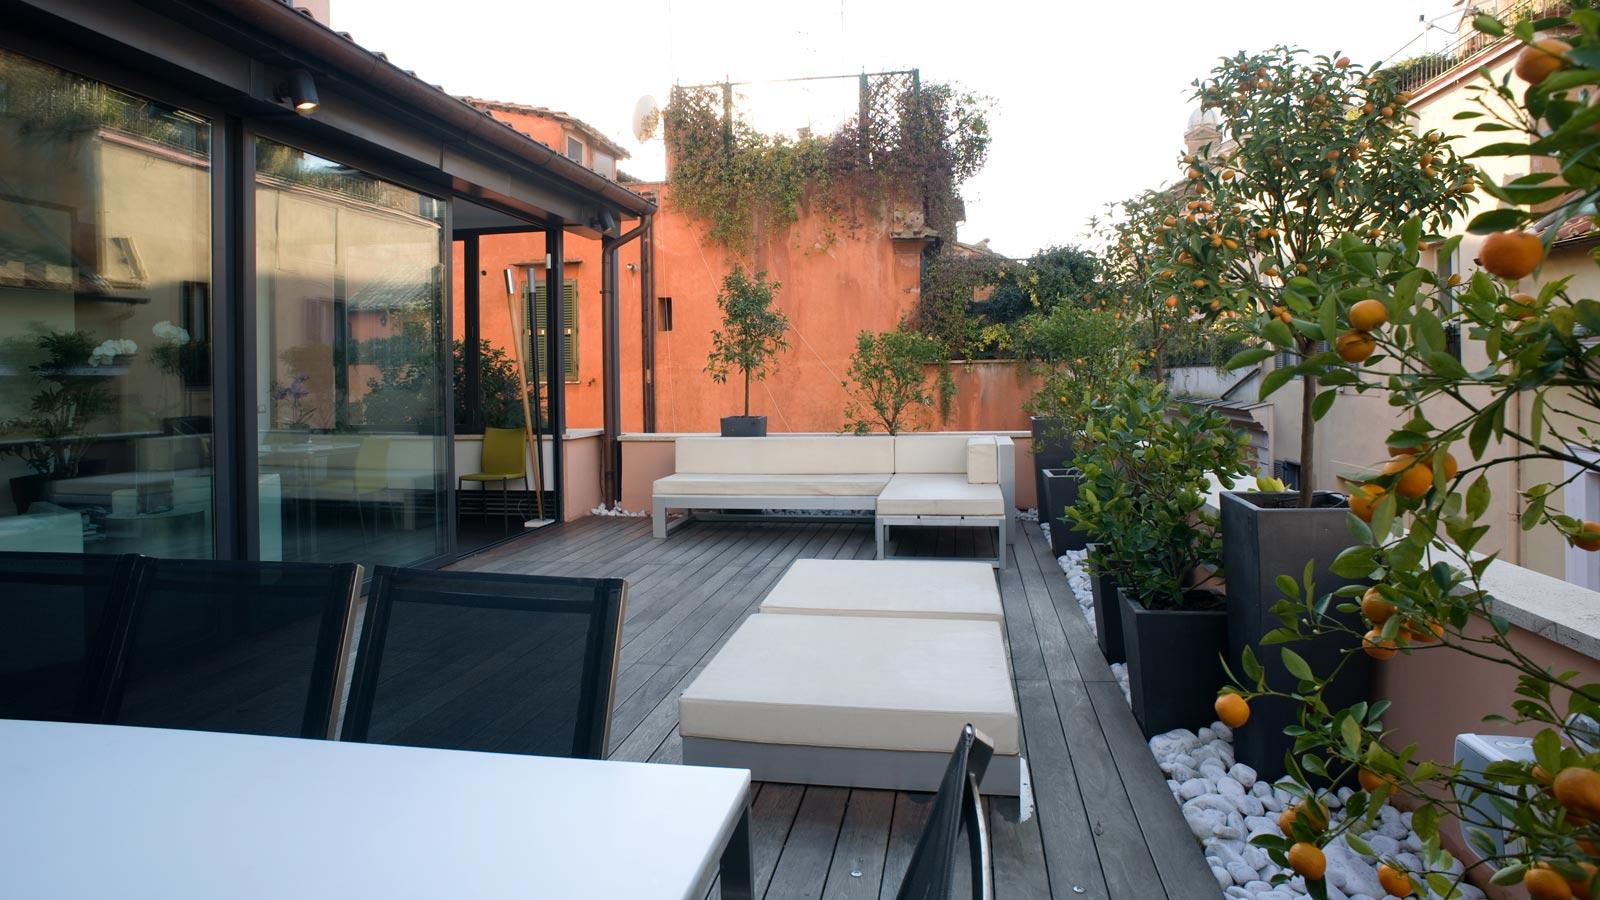 007-arredi_esterni_e_garden_design-maria_paola_mulas | Ikonos